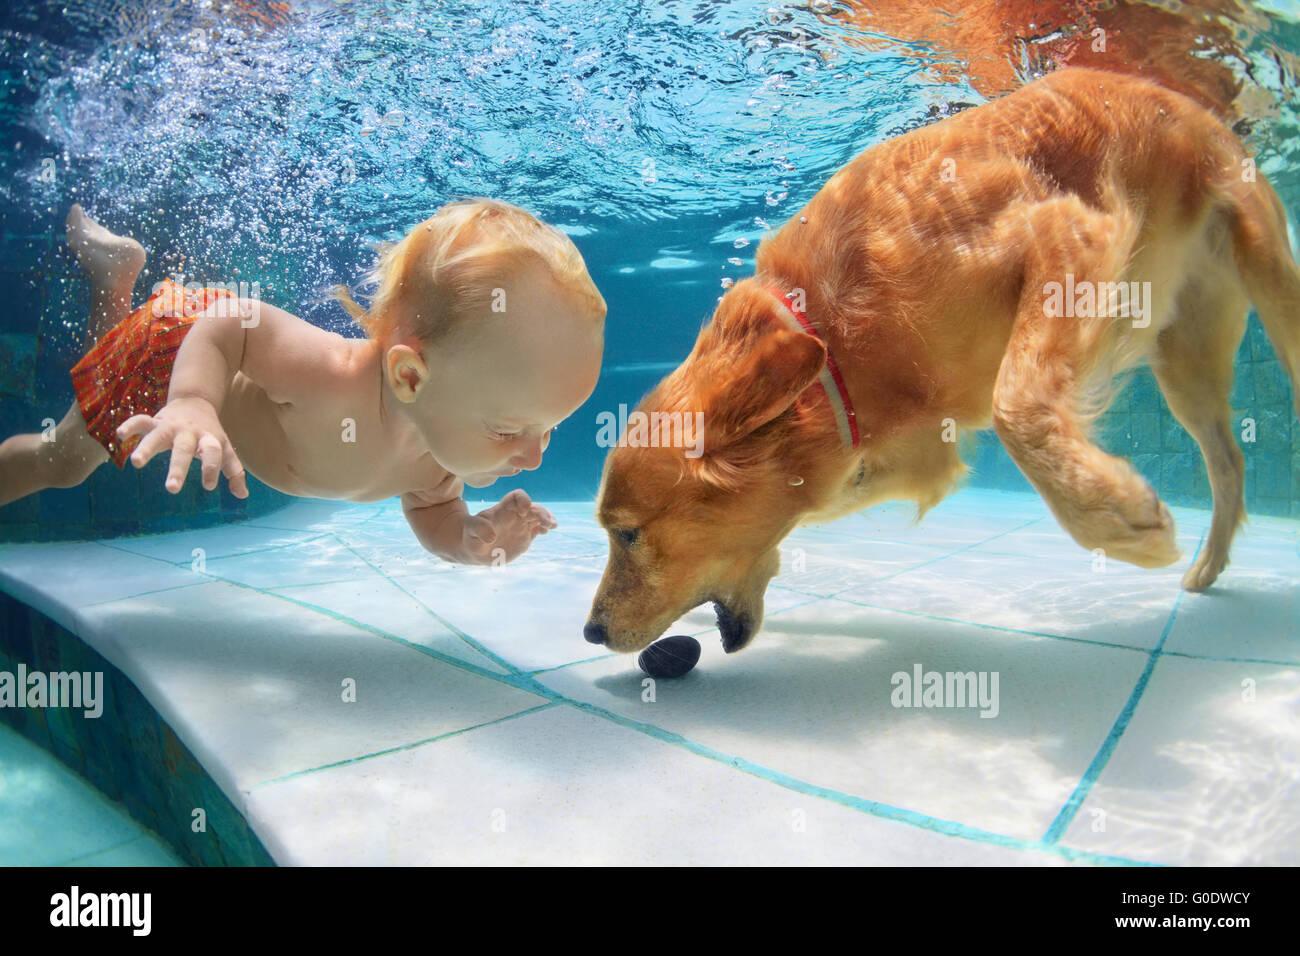 Lustiges kleines Kind mit lustigen Spielen und trainieren golden Labrador Retriever Welpe im Schwimmbad, springen Stockbild